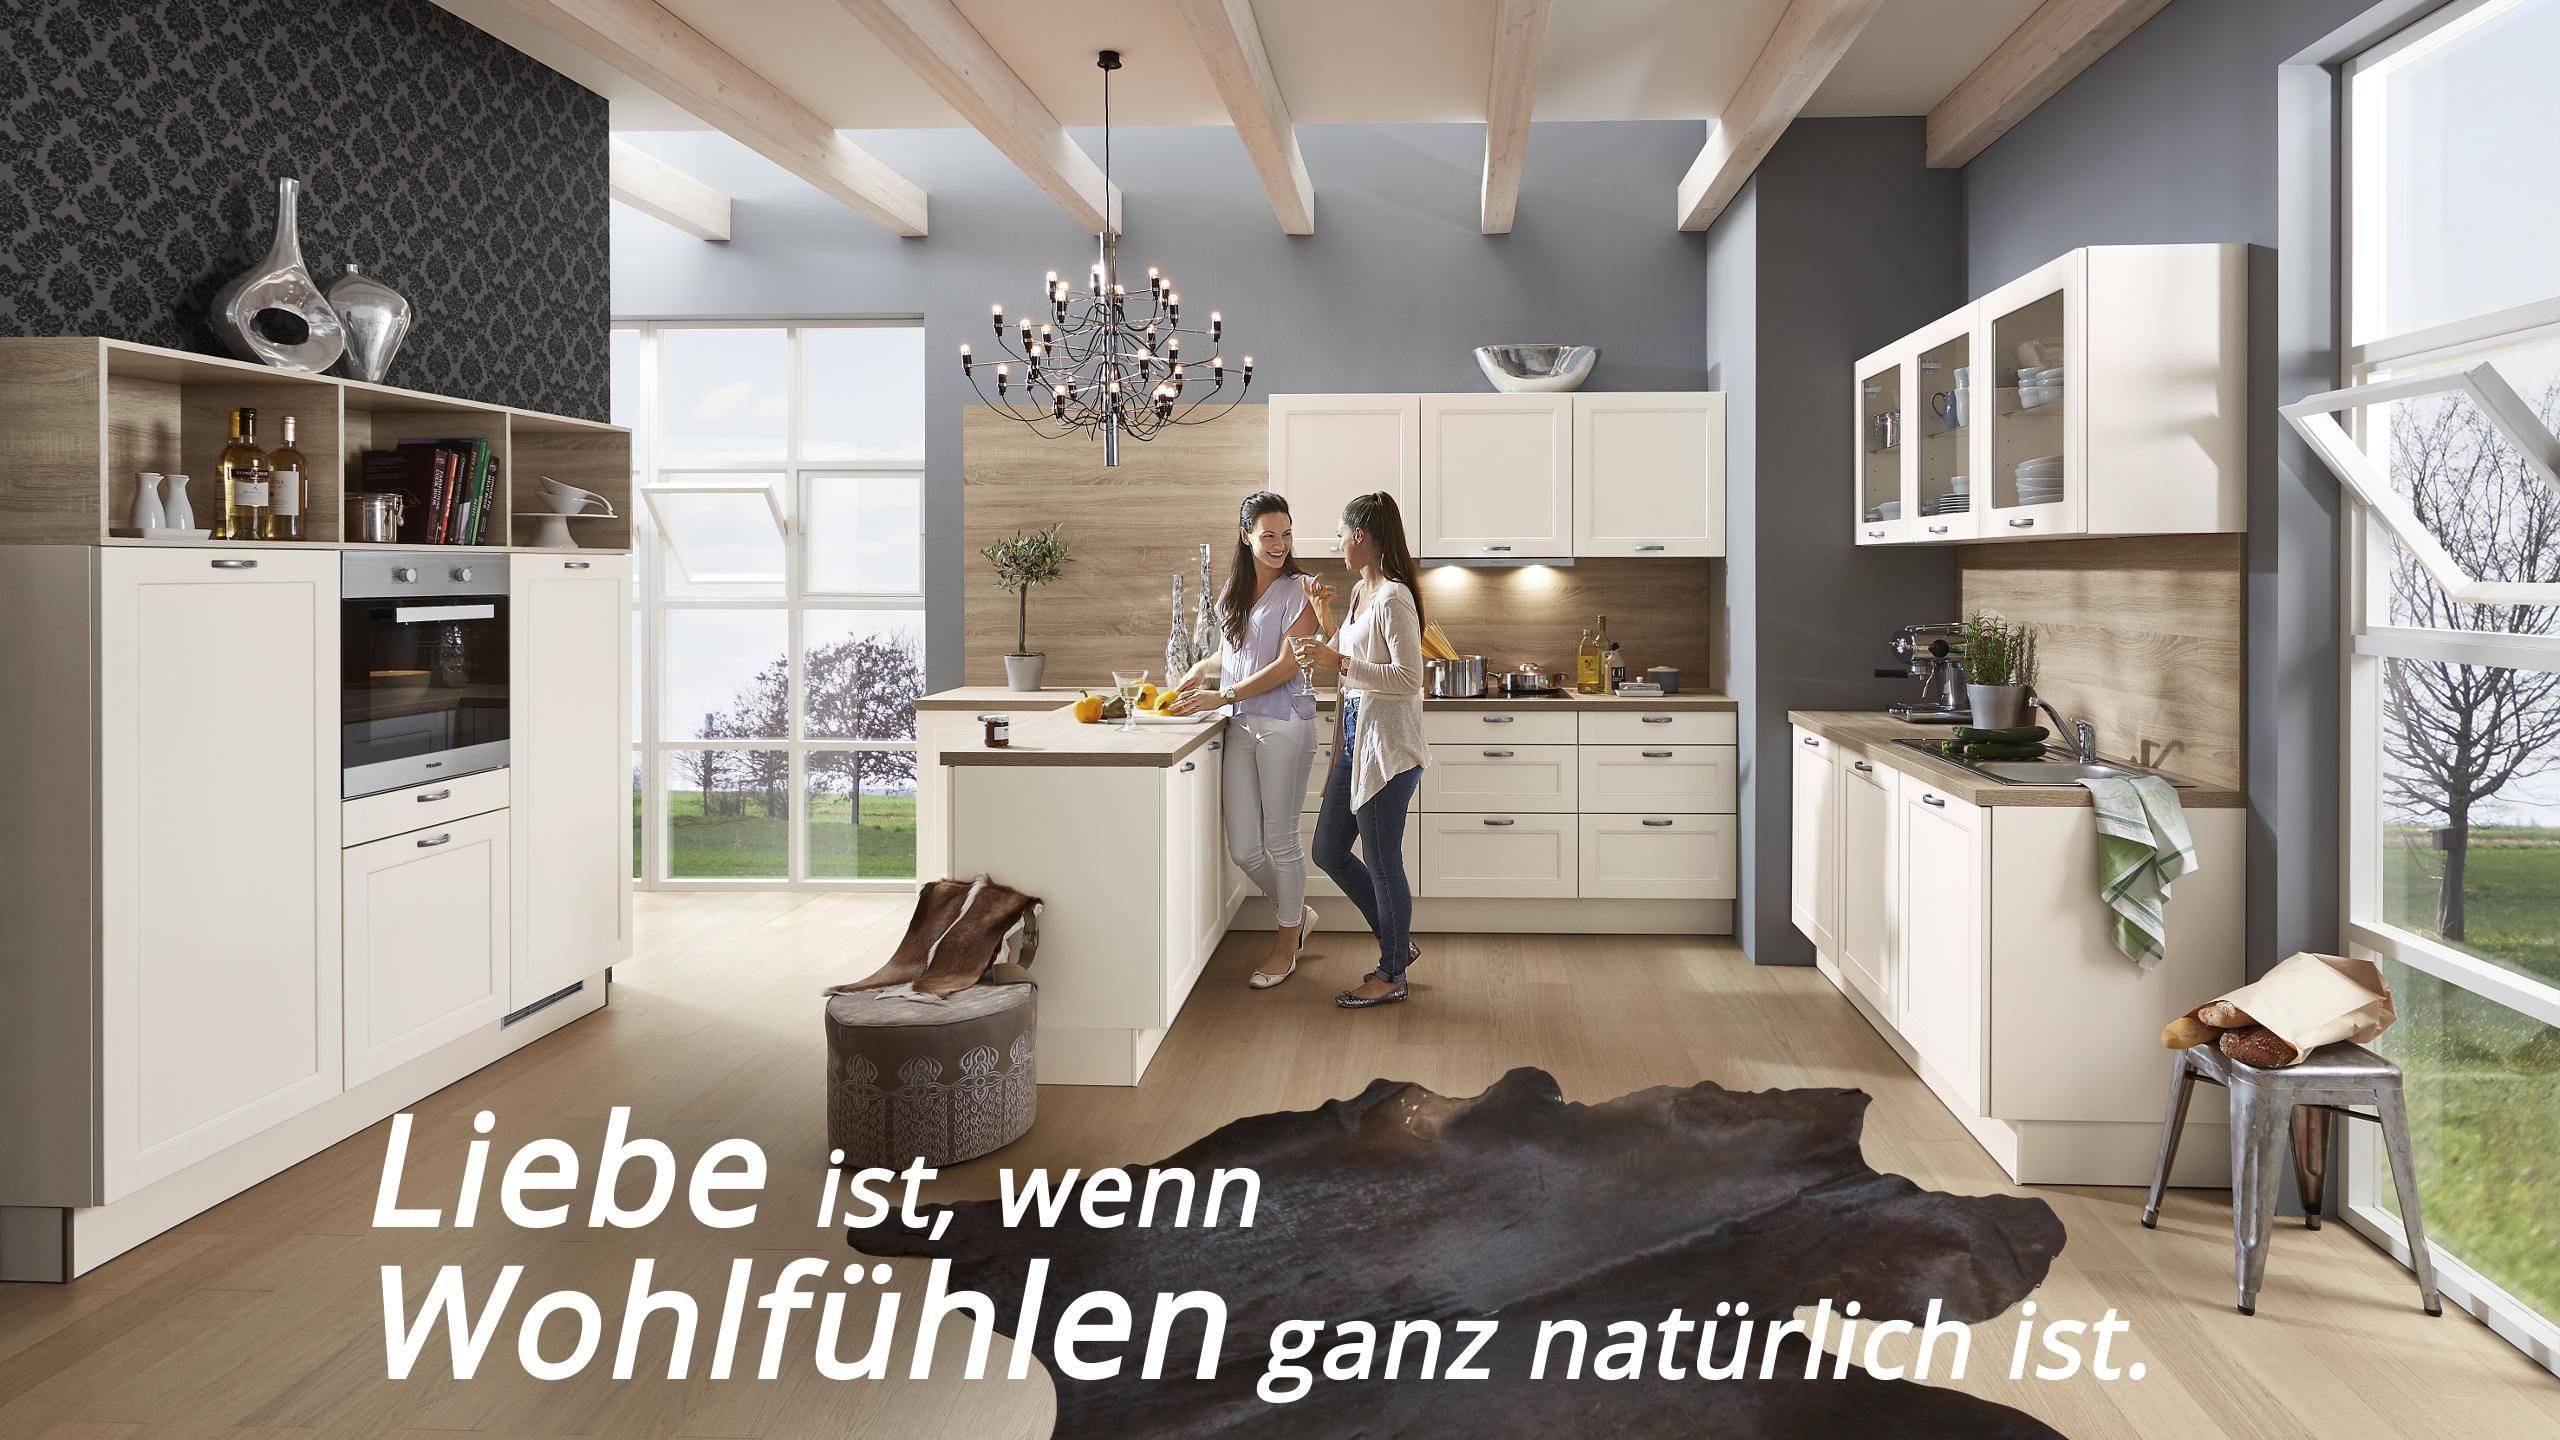 Full Size of Wellmann Küchen Ersatzteile Regal Küche Velux Fenster Wohnzimmer Wellmann Küchen Ersatzteile